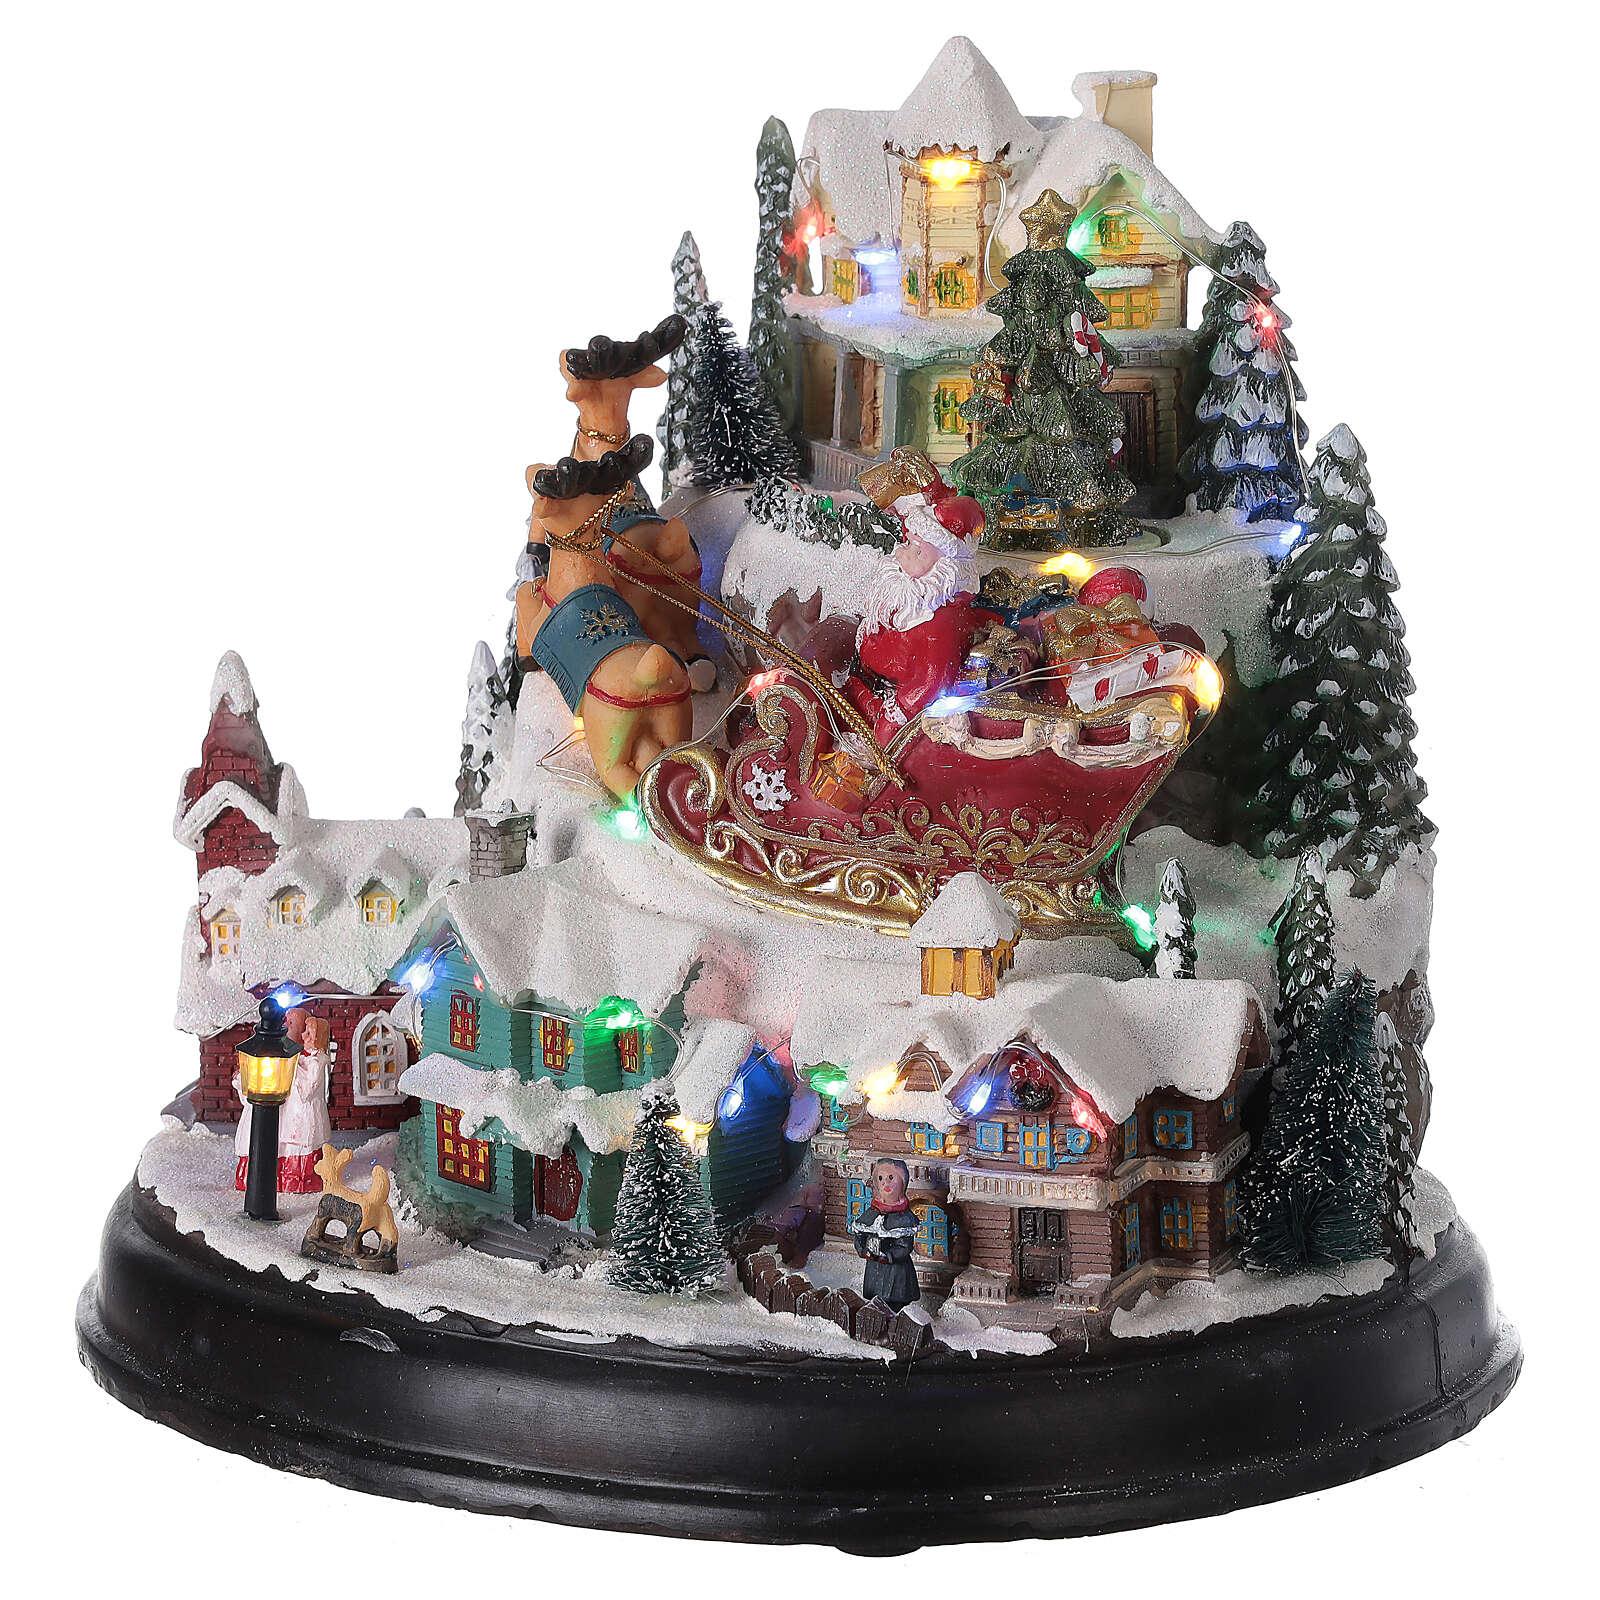 Villaggio Natale Albero slitta Babbo Natale luci musica 25x30x25 cm 3